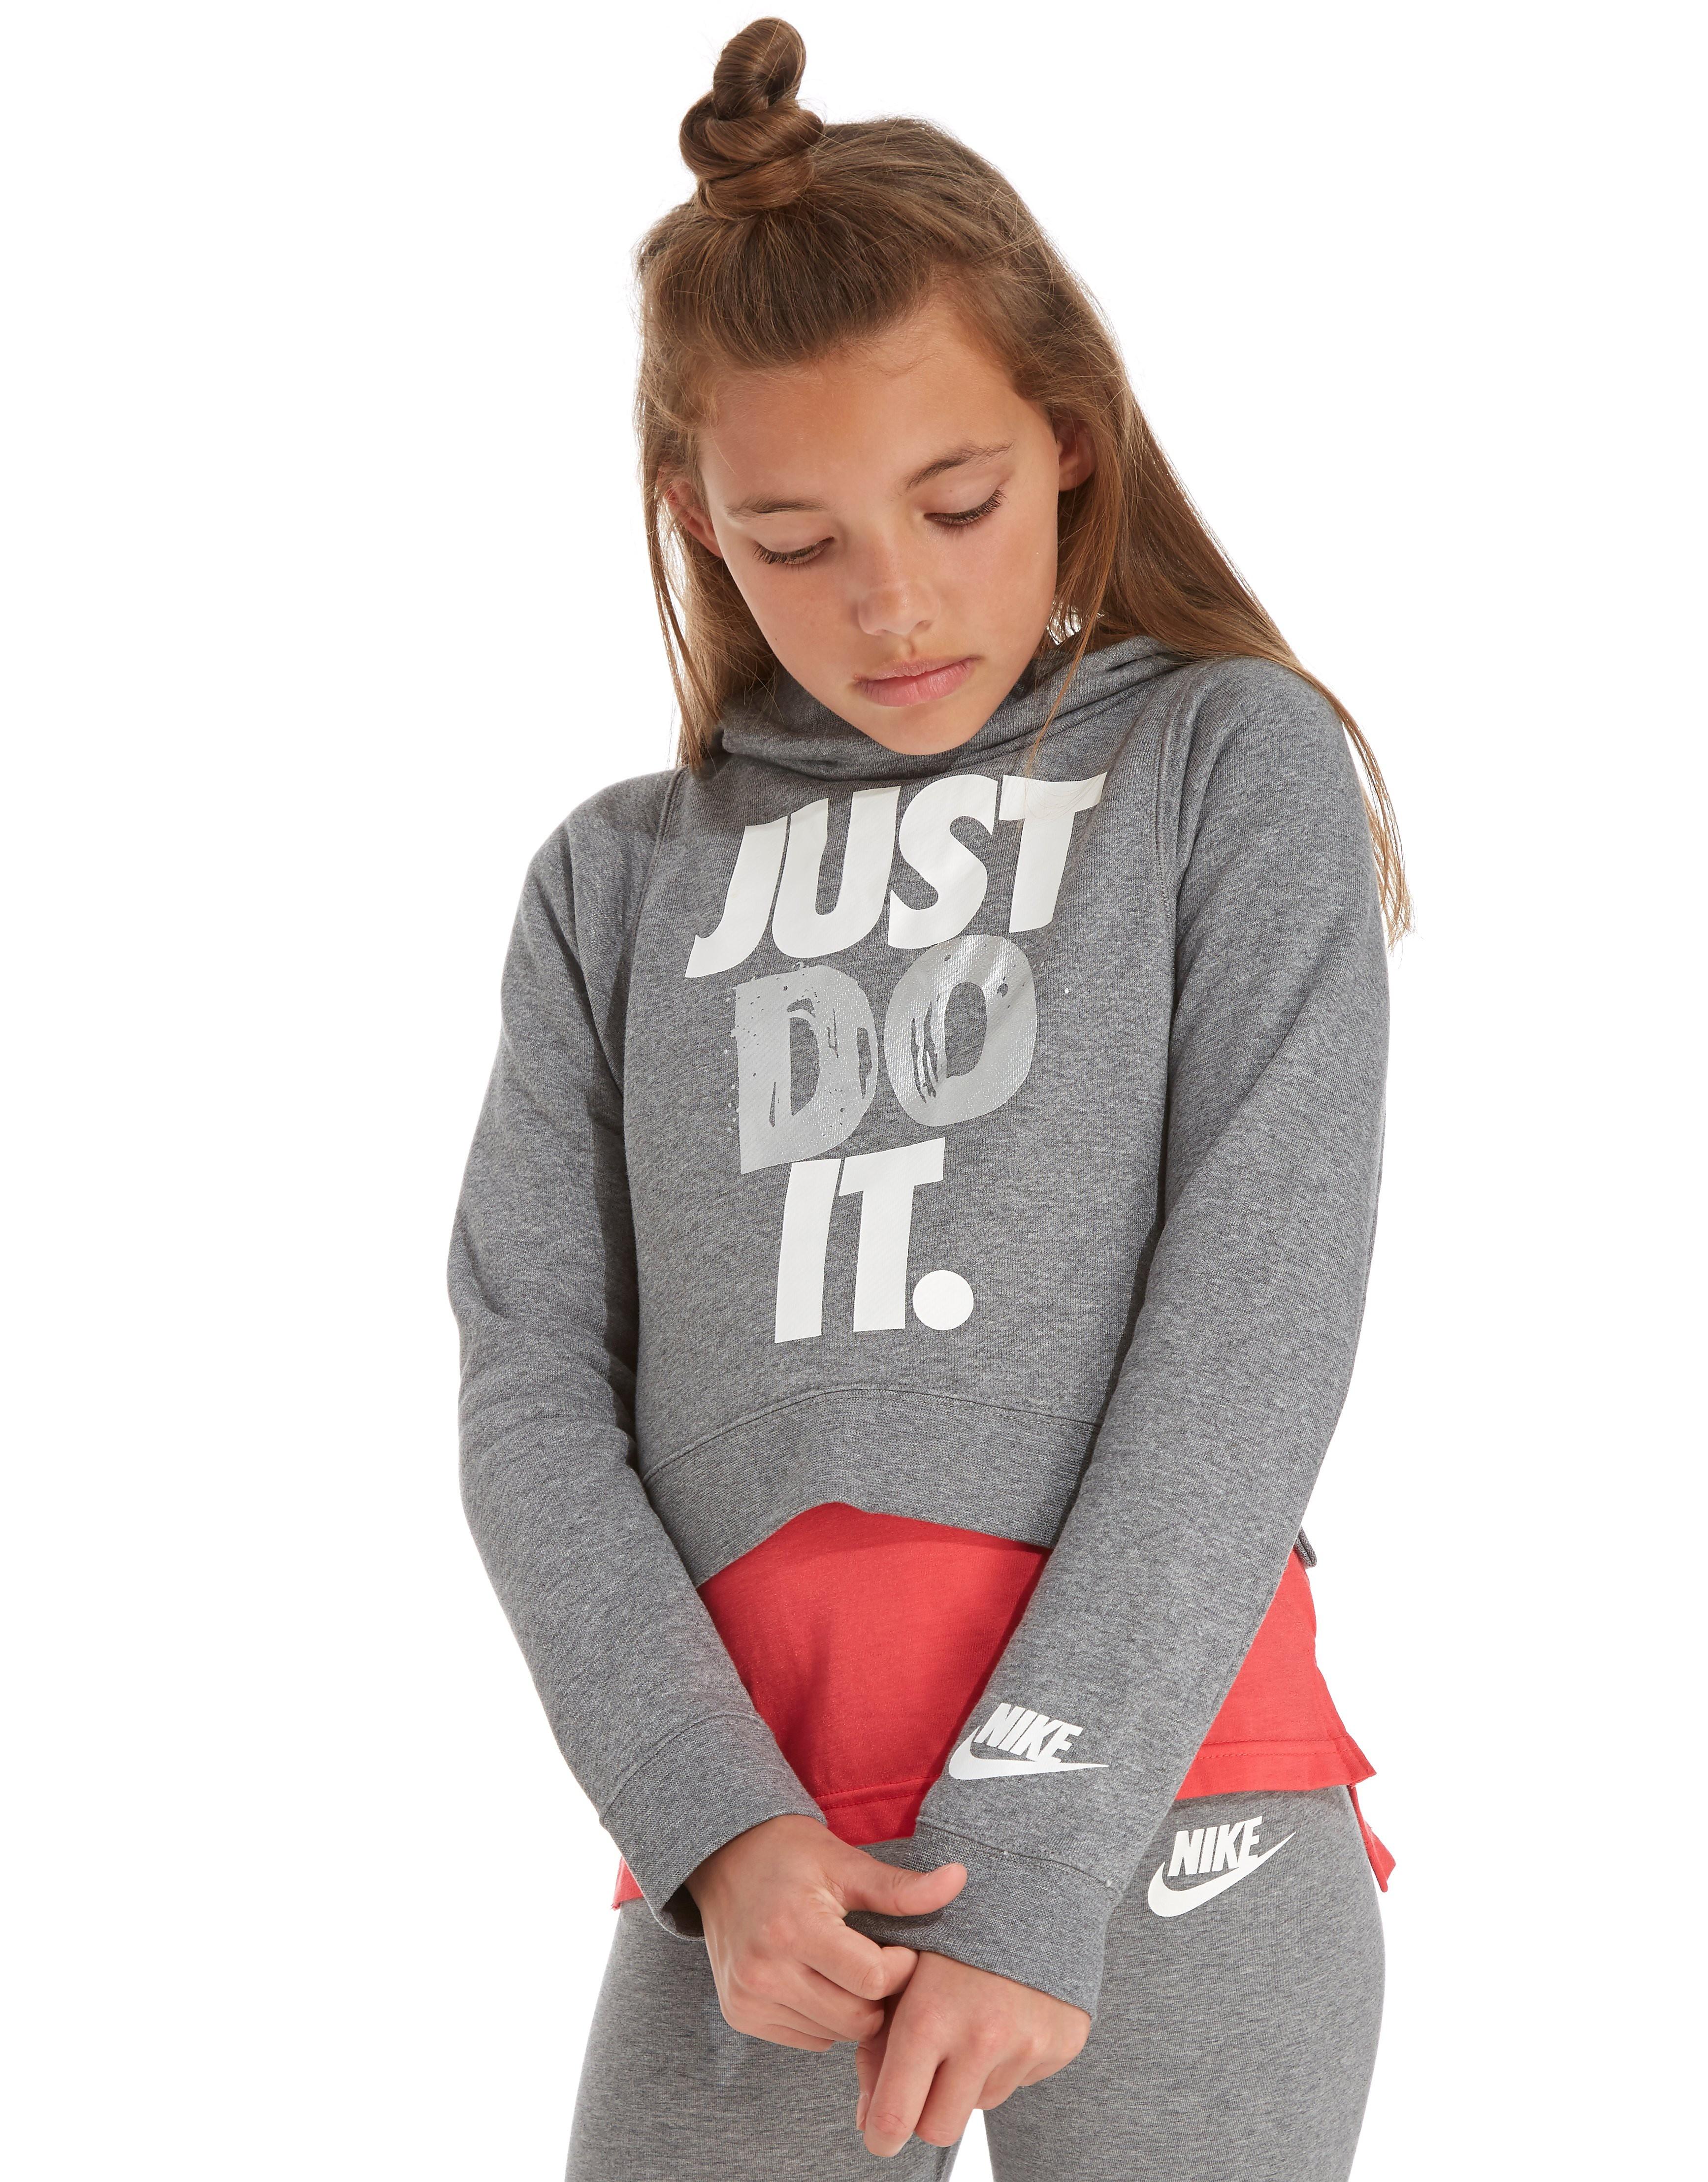 Nike Mädchen Just Do It Bauchfreier Hoodie Kinder